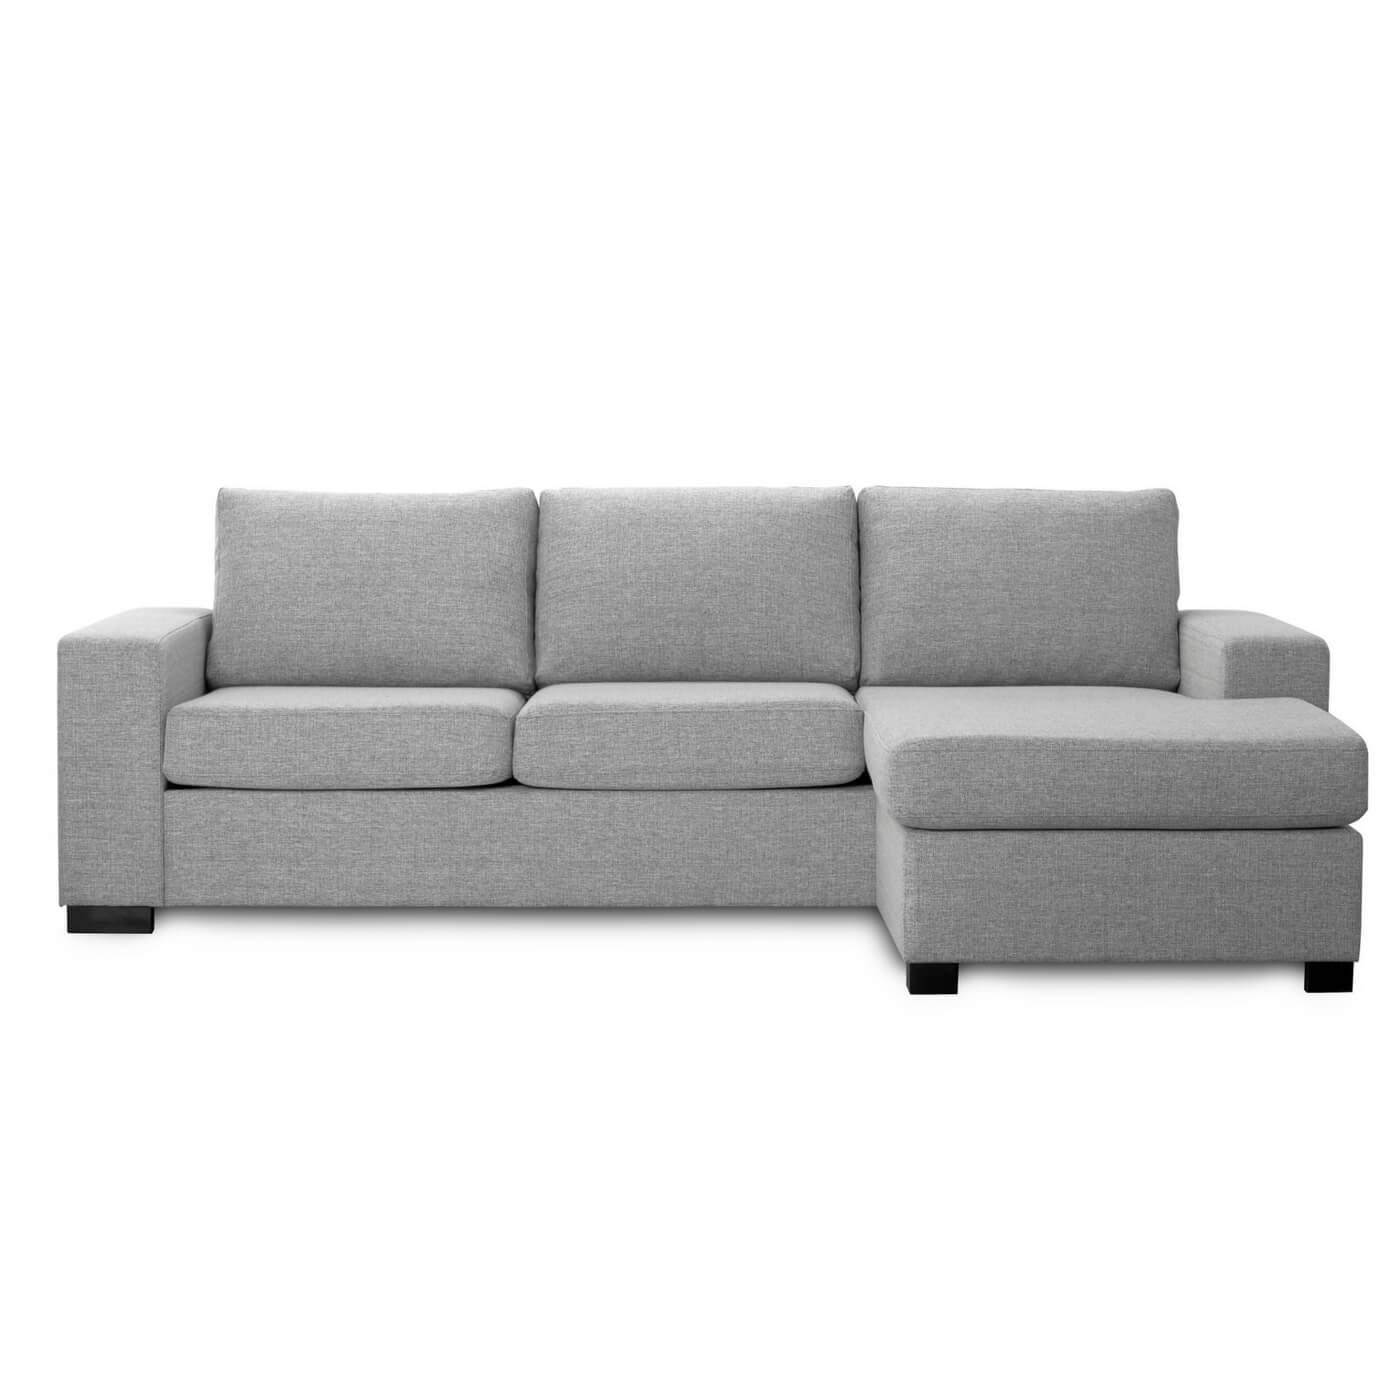 Milan 3 pers. sofa - lys granitgrå stof m. vendbar chaiselong